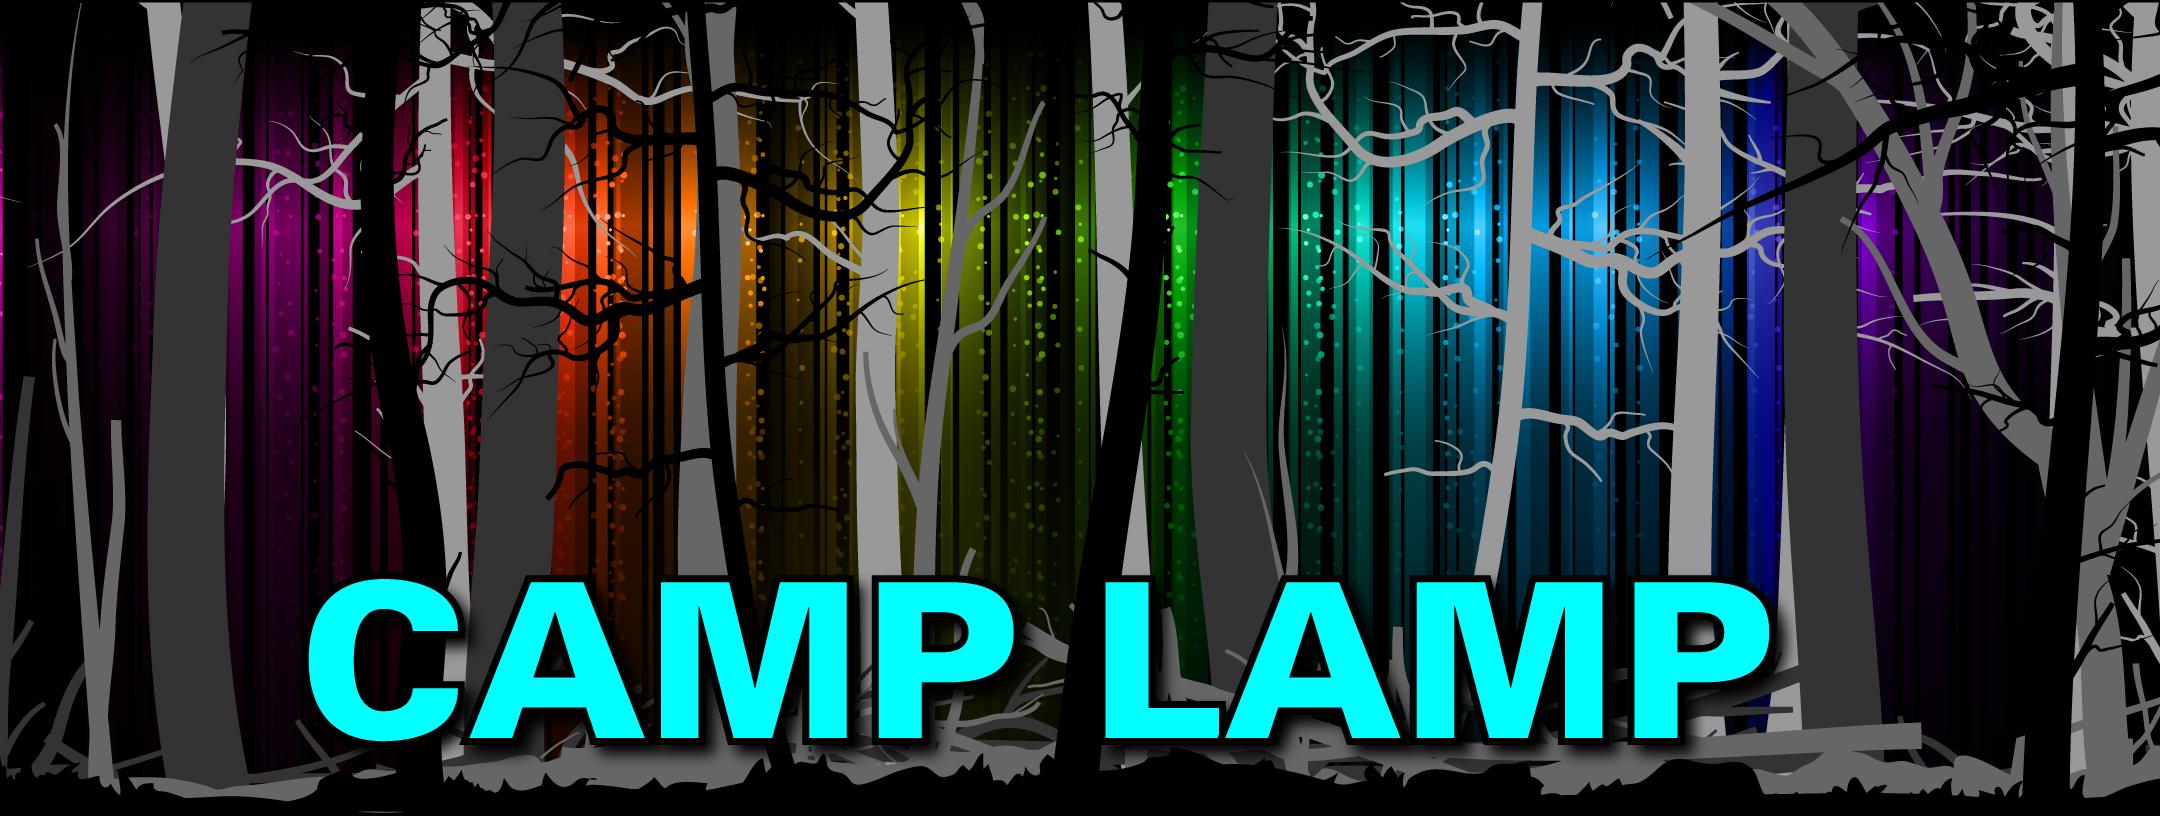 Camp Lamp